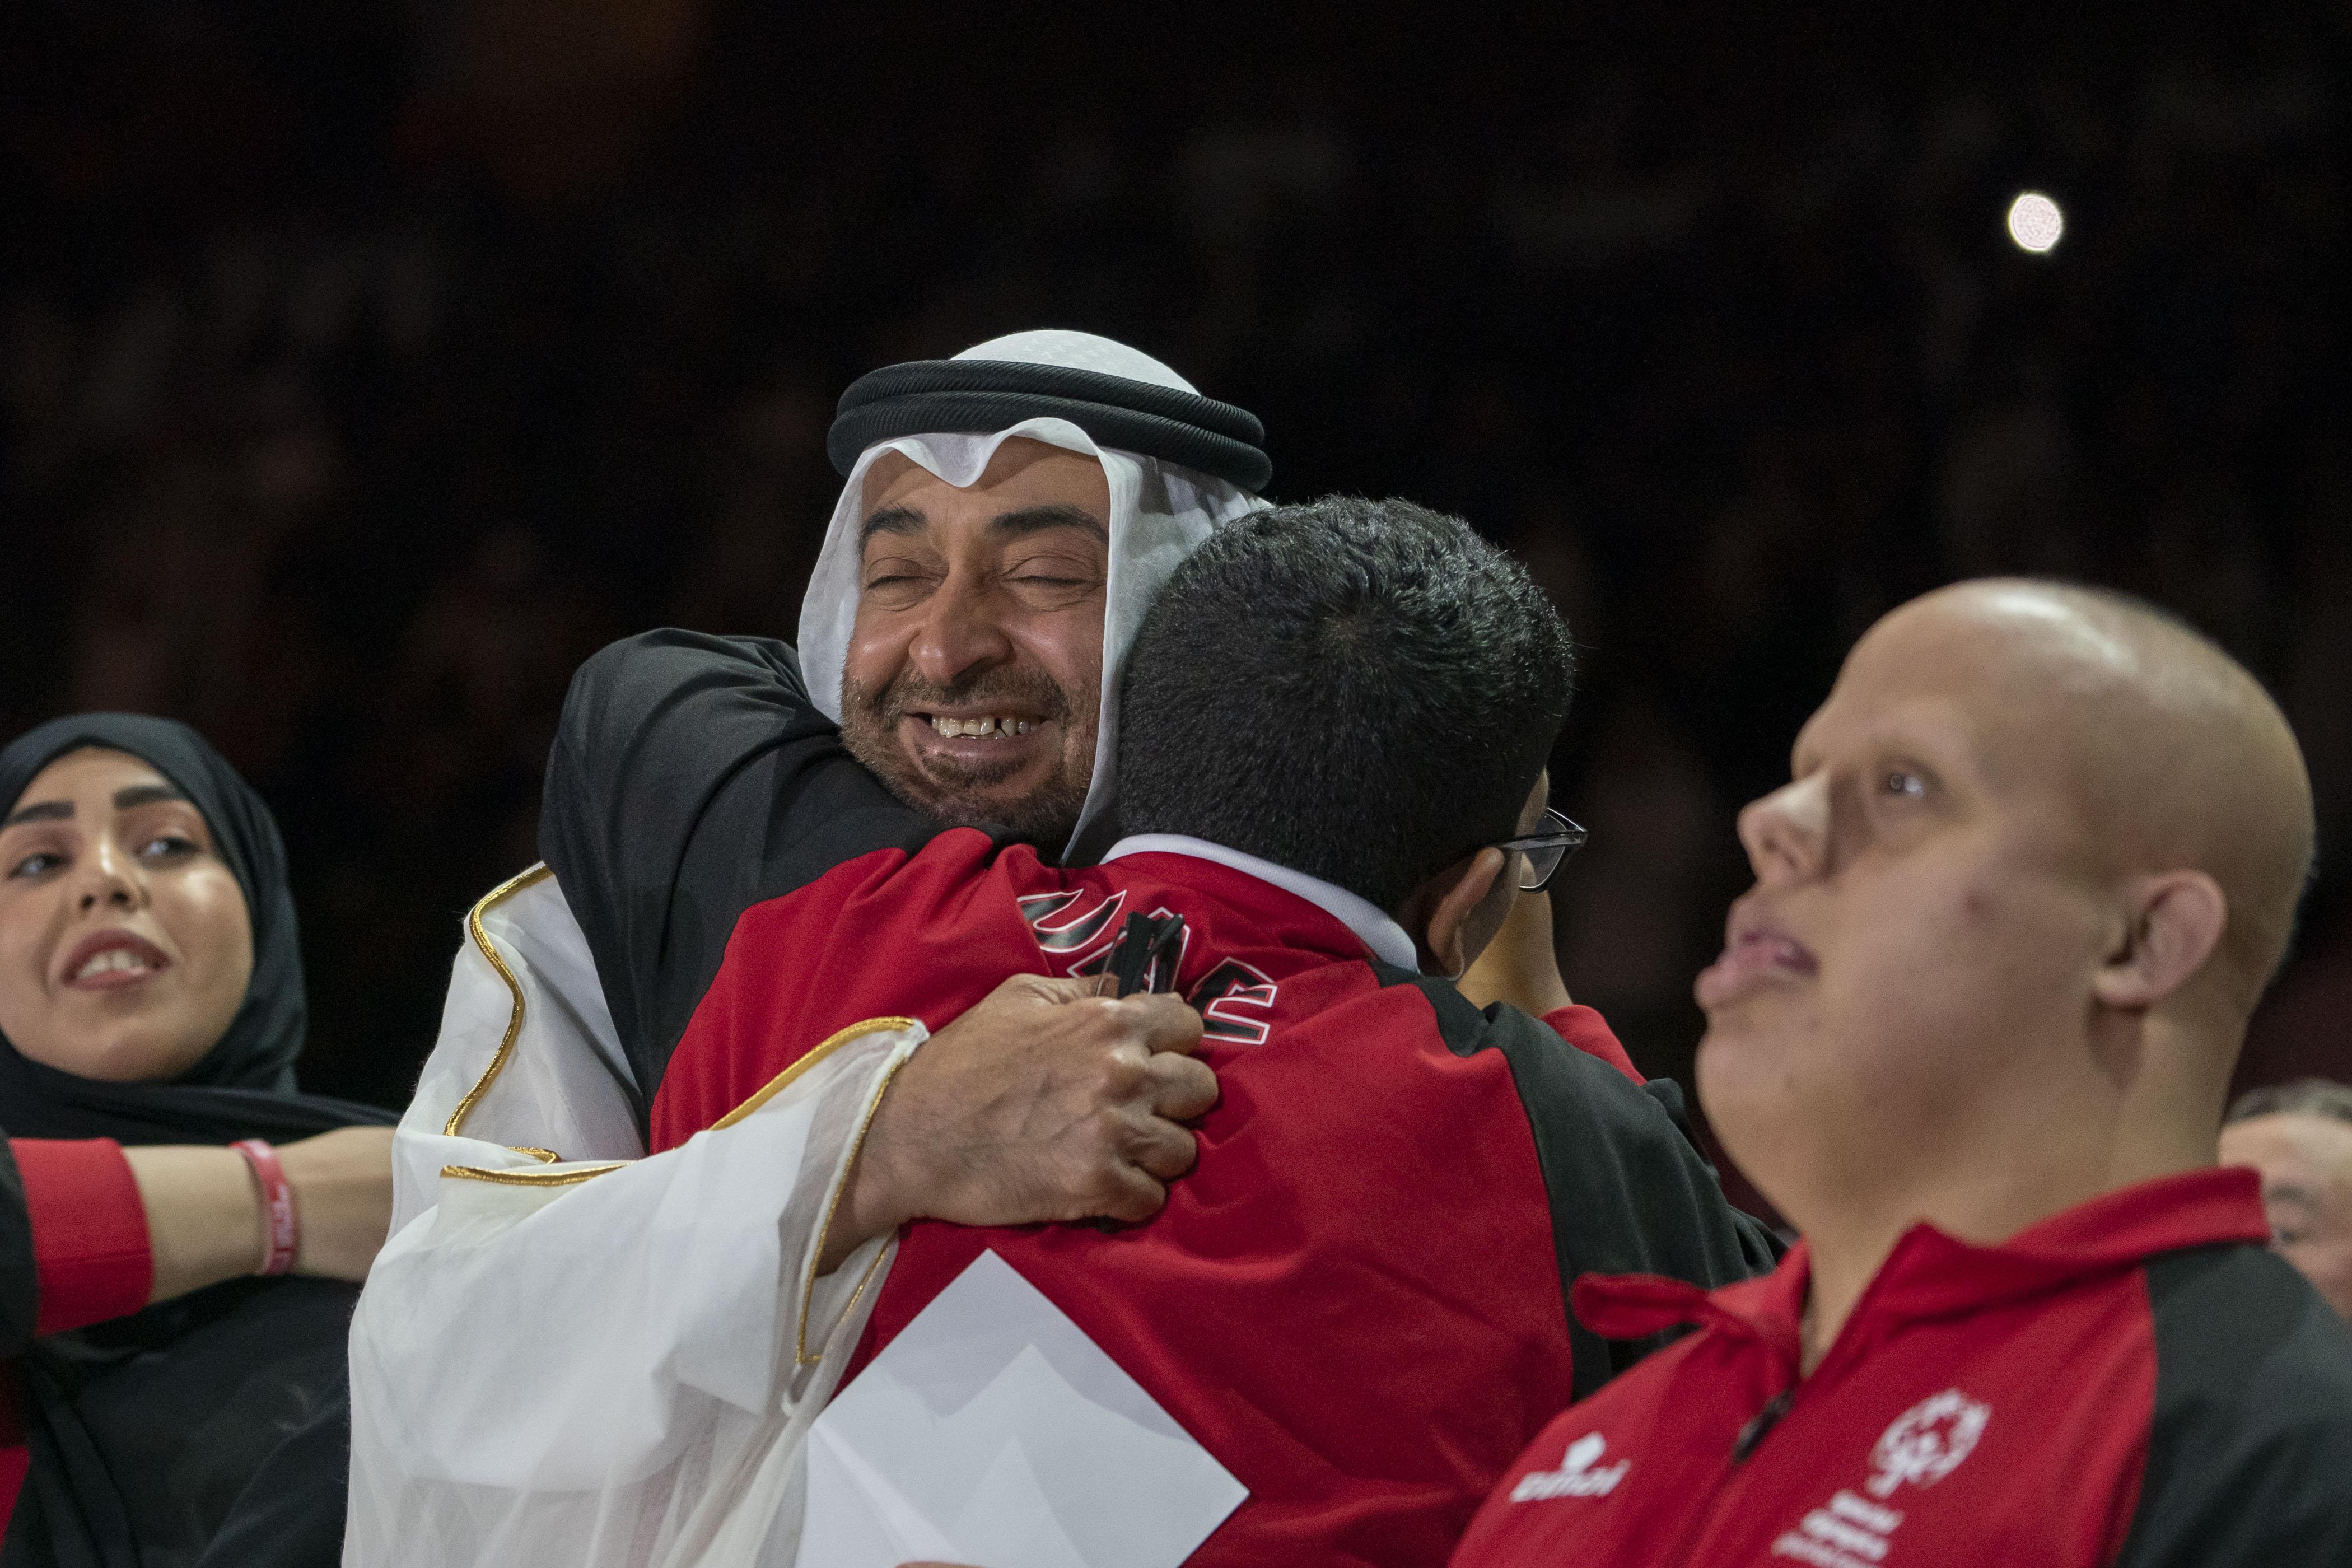 """دراسة لـ""""وكالة نيلسن العالمية"""": الأولمبياد الخاص 2019 لعب دوراً أساسياً في تحسين المشاعر والمواقف العامة تجاه ذوي الإعاقة الذهنية"""